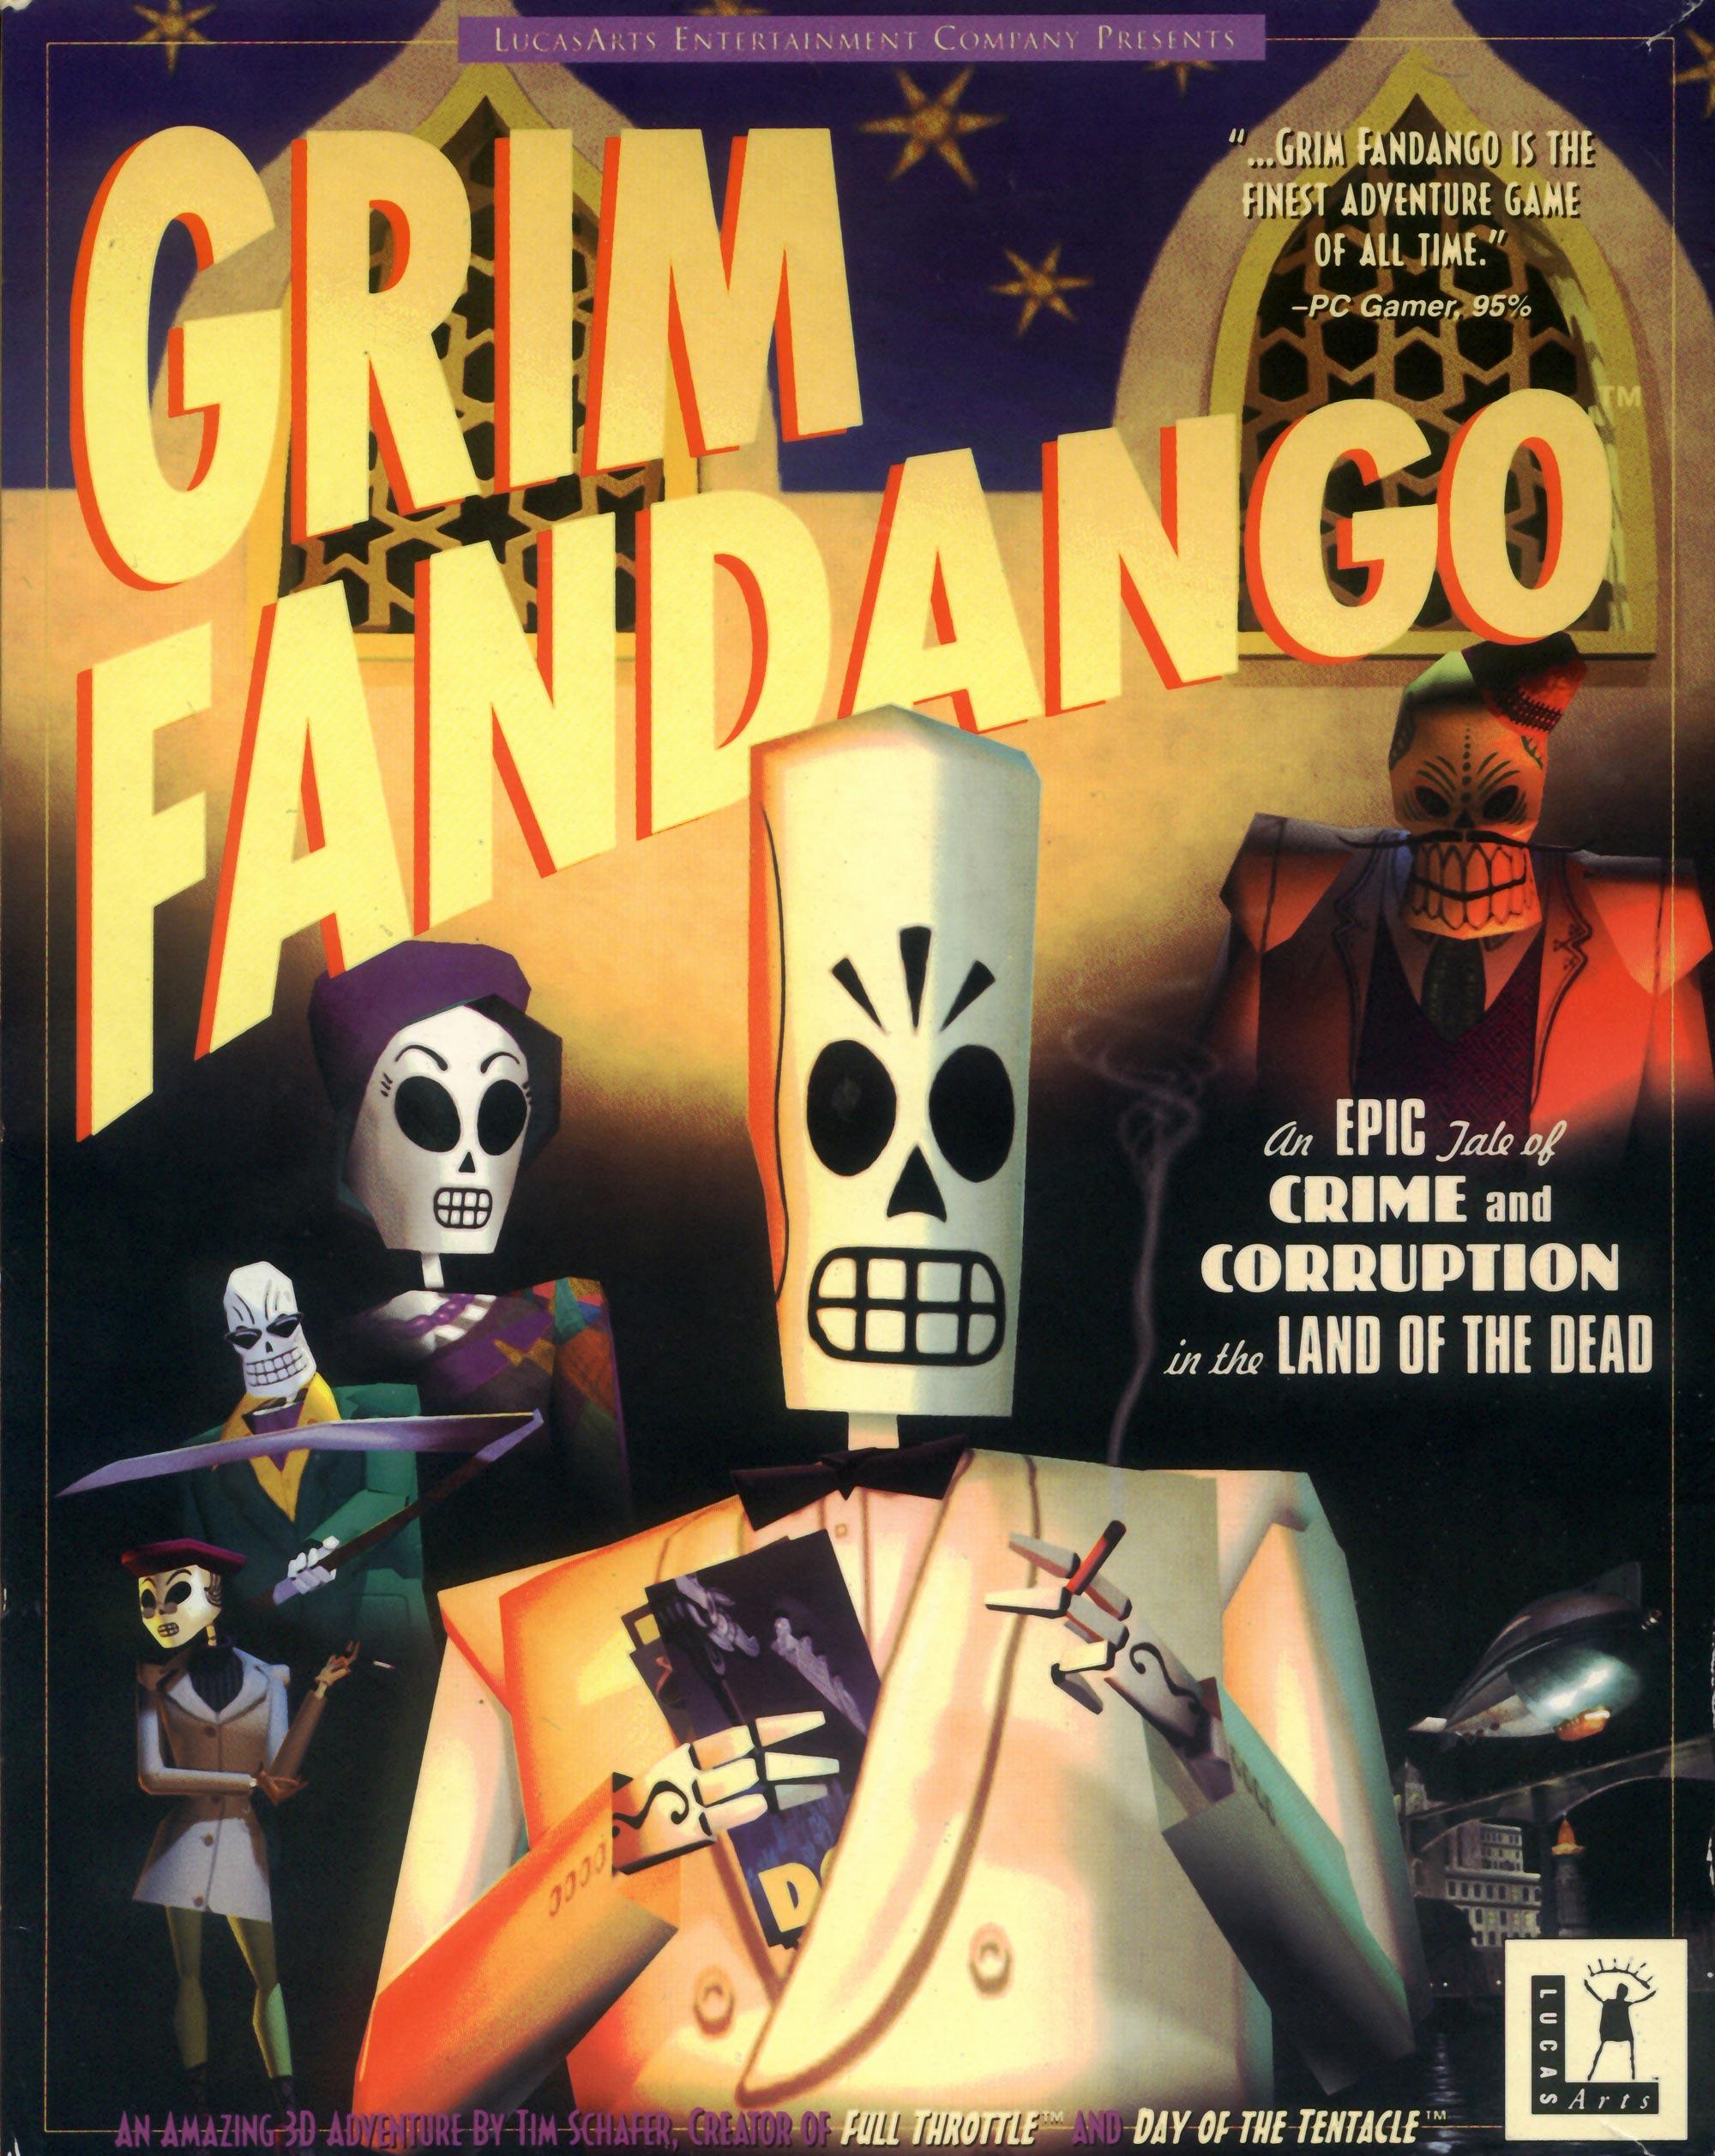 Grim Fandango Español (Portable)